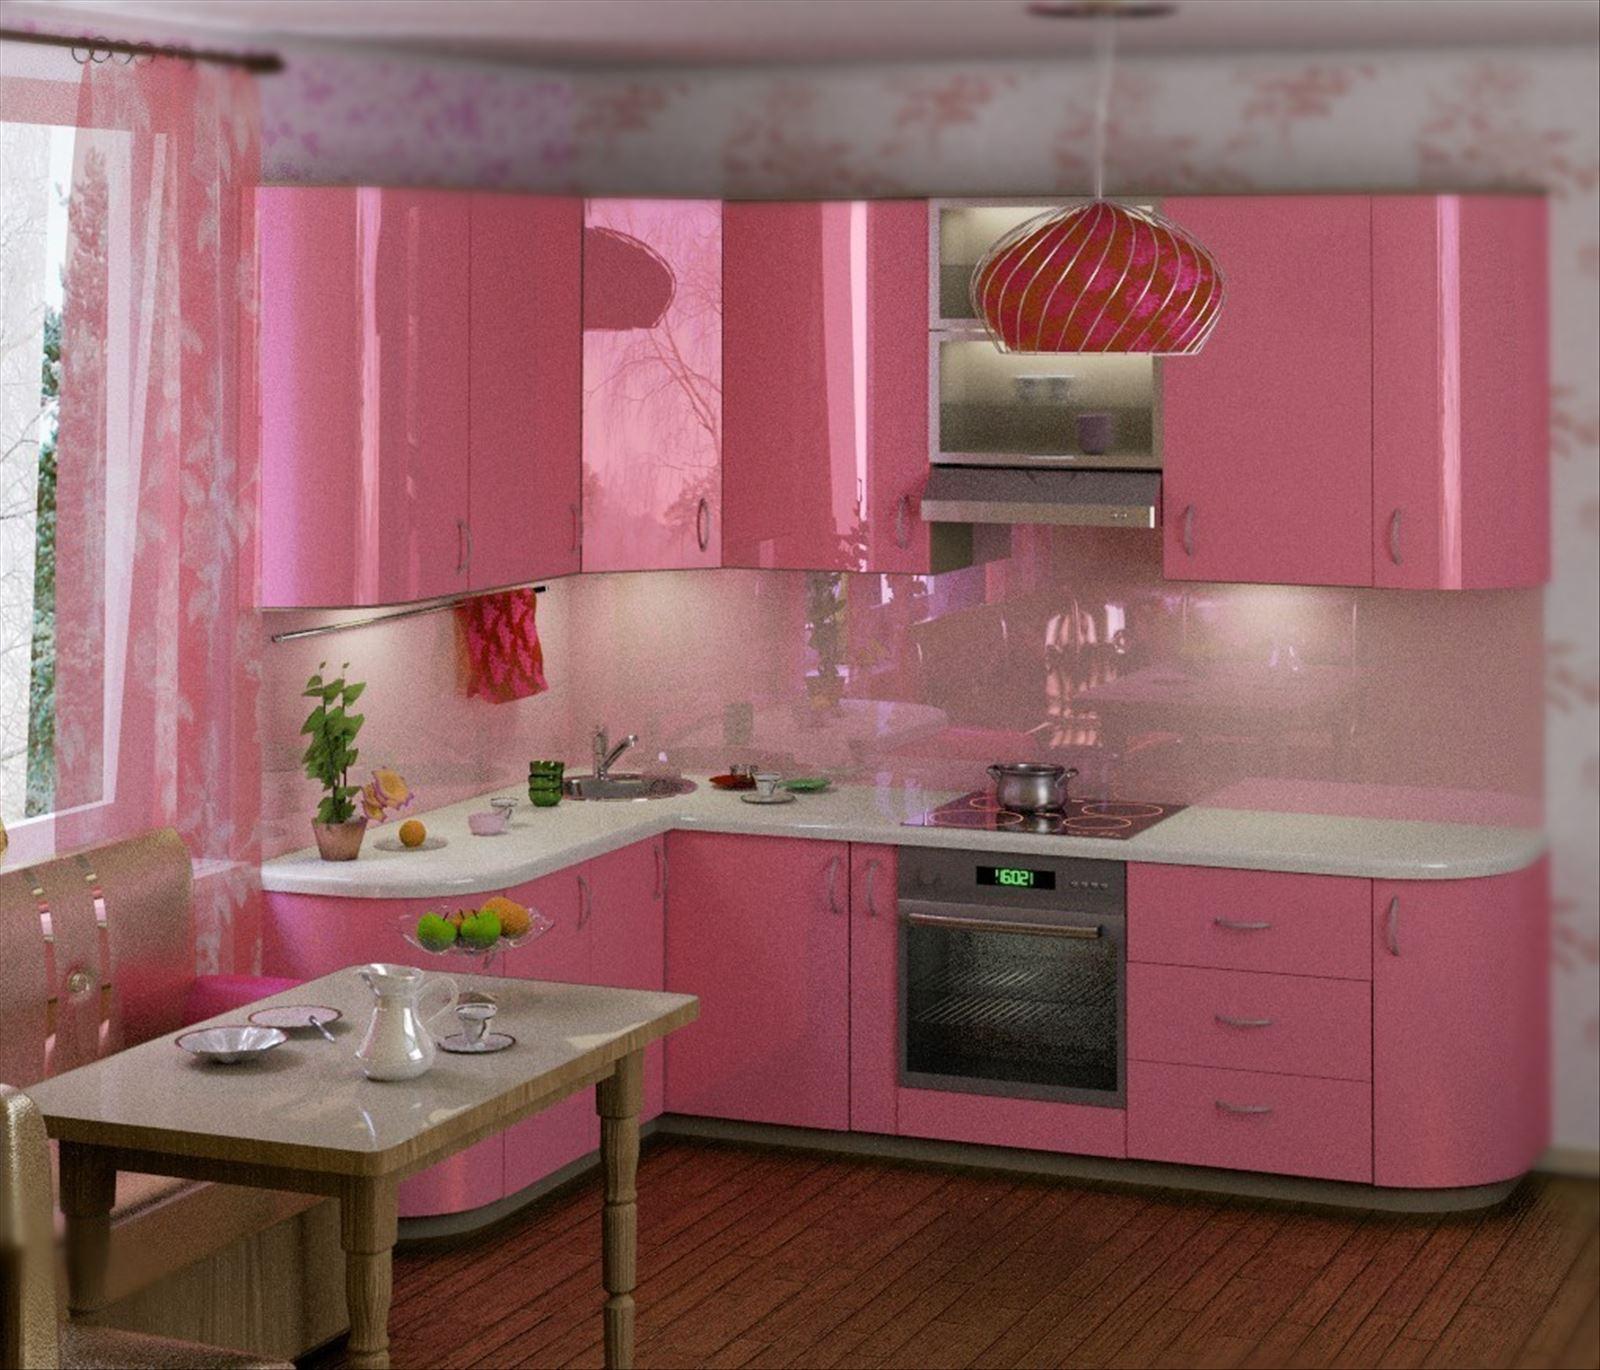 Розово-фиолетовый гарнитур фото 2